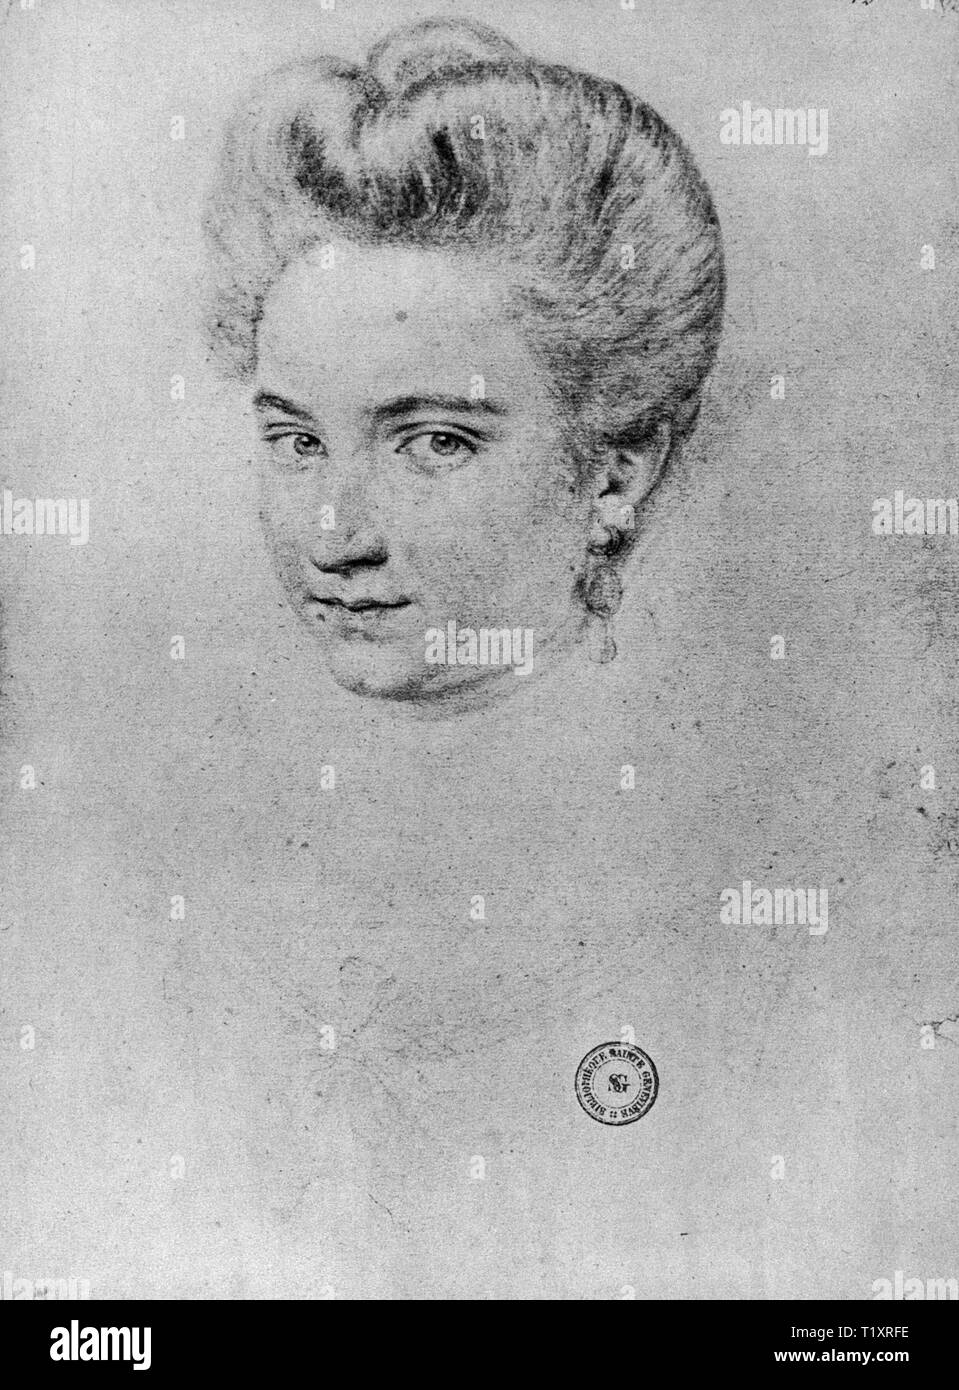 Bildende Kunst, Renaissance, Porträt einer Frau, die möglicherweise Gabrielle d'Estree, Zeichnung, 1597, Additional-Rights - Clearance-Info - Not-Available Stockbild